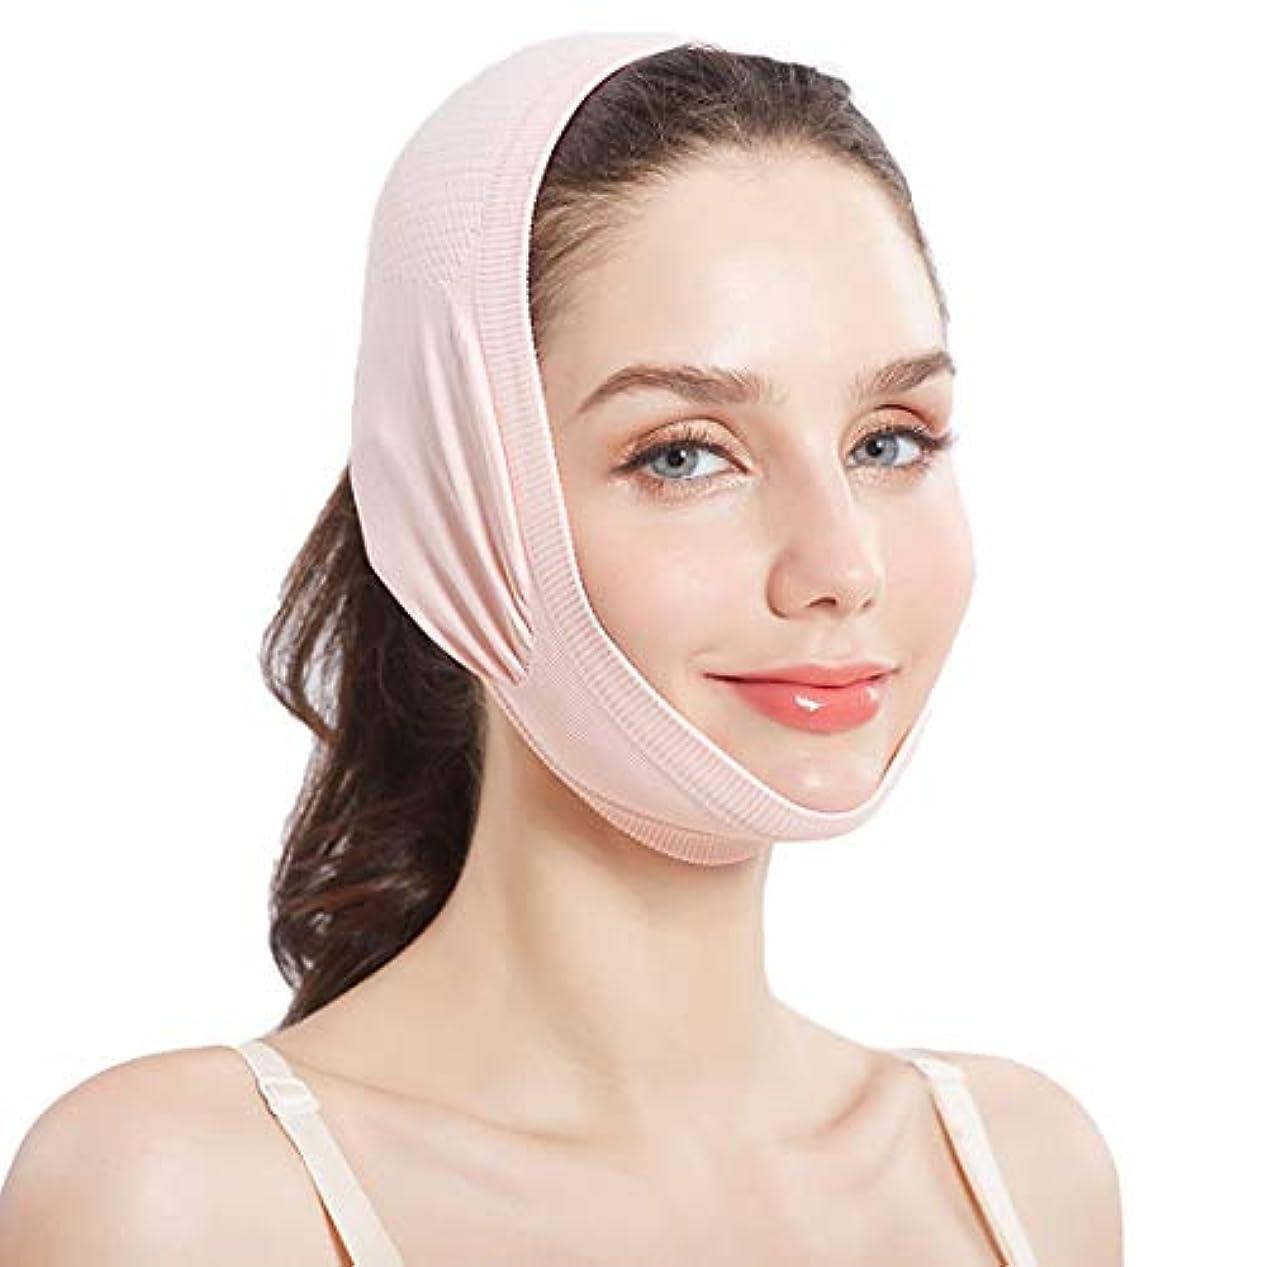 売るビルマ強制ZWBD フェイスマスク, フェイスリフティング包帯マスクあごV整形マスク美容包帯マスクリフティング引き締めピンクベージュ (Color : Pink)